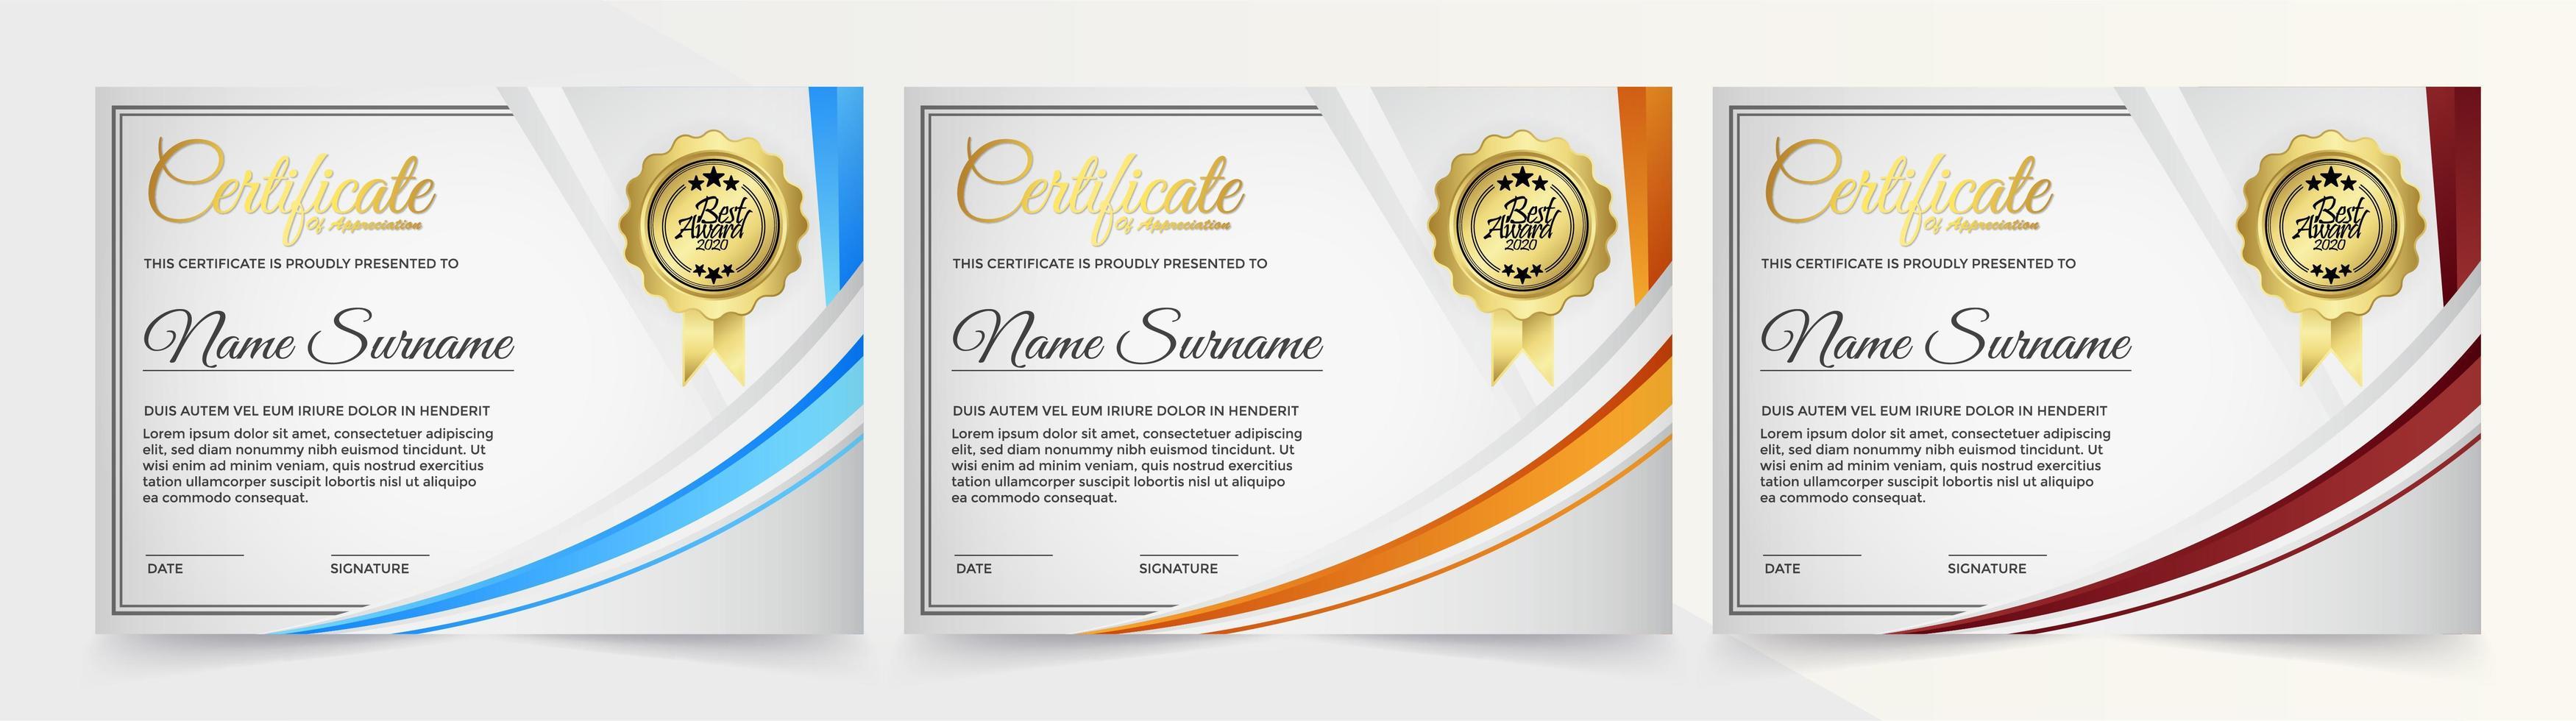 certificati bianchi con striscia curva blu, arancione e rossa vettore